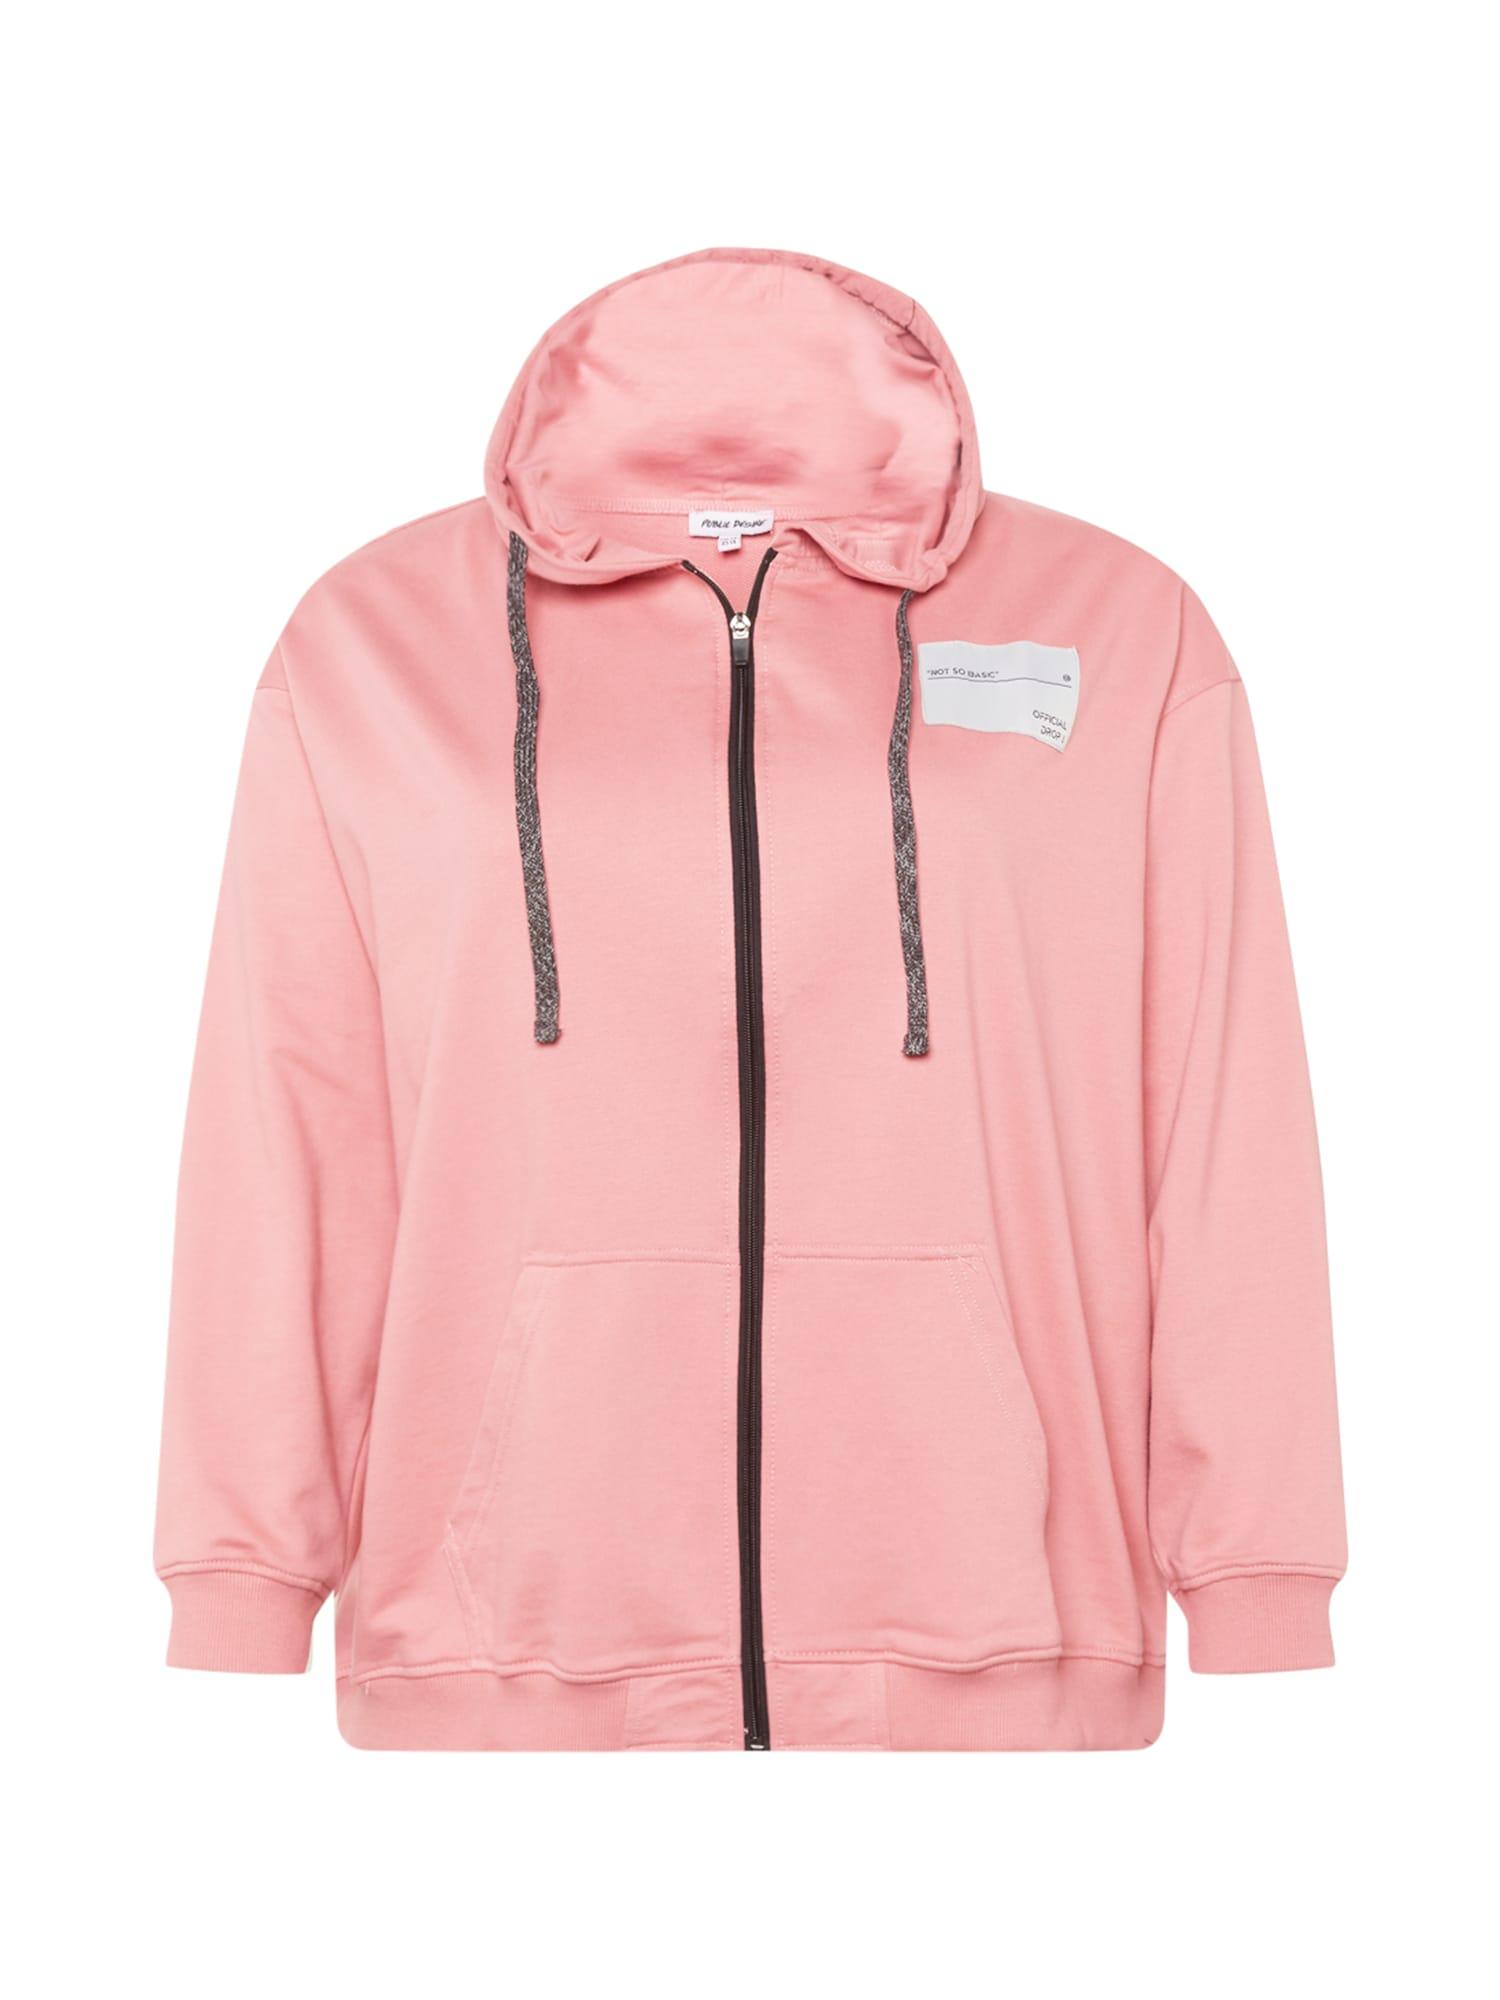 Public Desire Curve Džemperis ryškiai rožinė spalva / balta / juoda